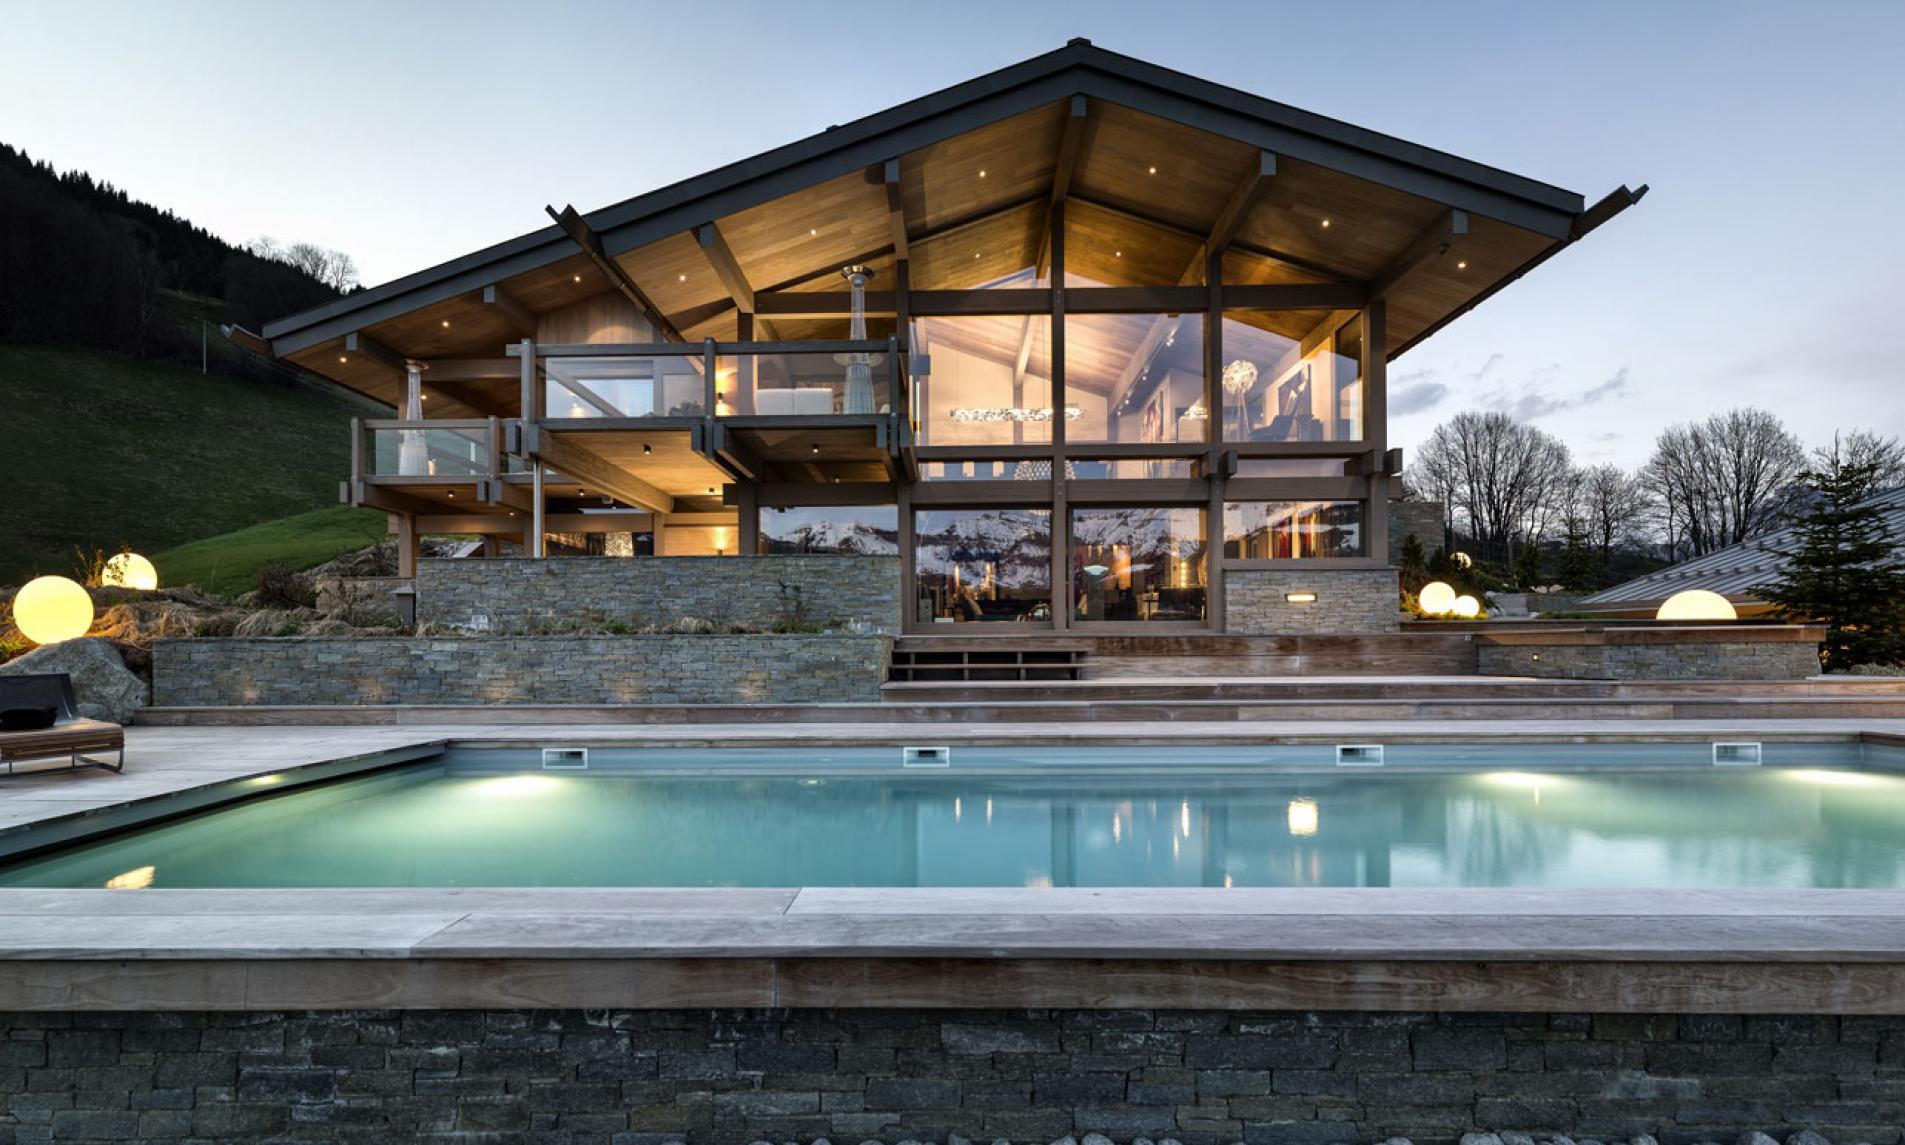 luxury summer chalet, Megeve, best luxury summer chalets